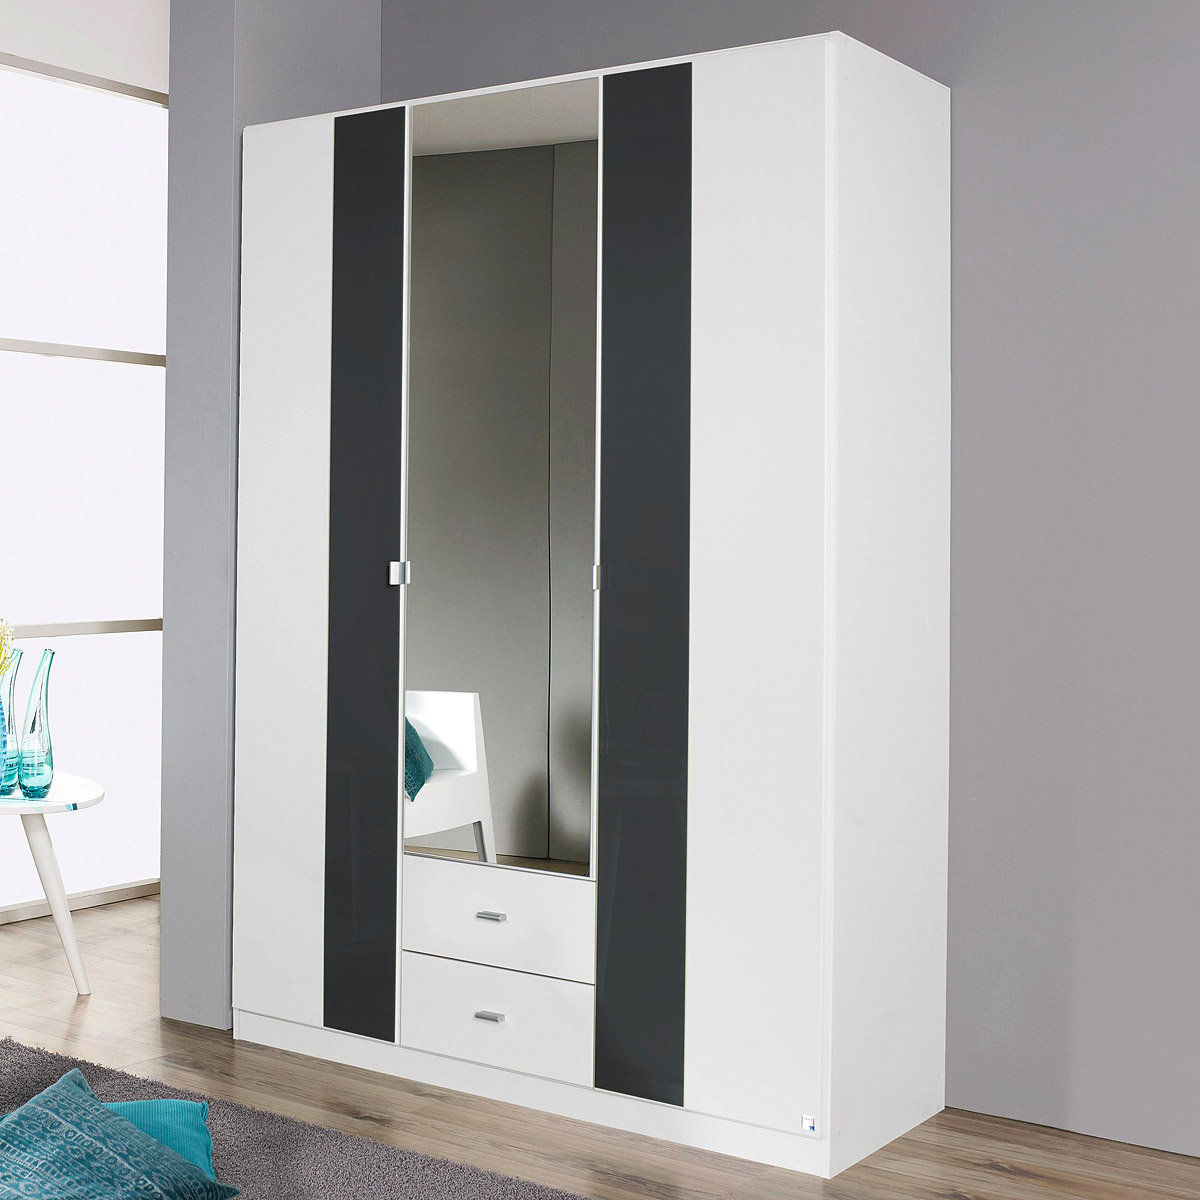 kleiderschrank dortmund schrank wei glasauflage basalt b 136 cm. Black Bedroom Furniture Sets. Home Design Ideas